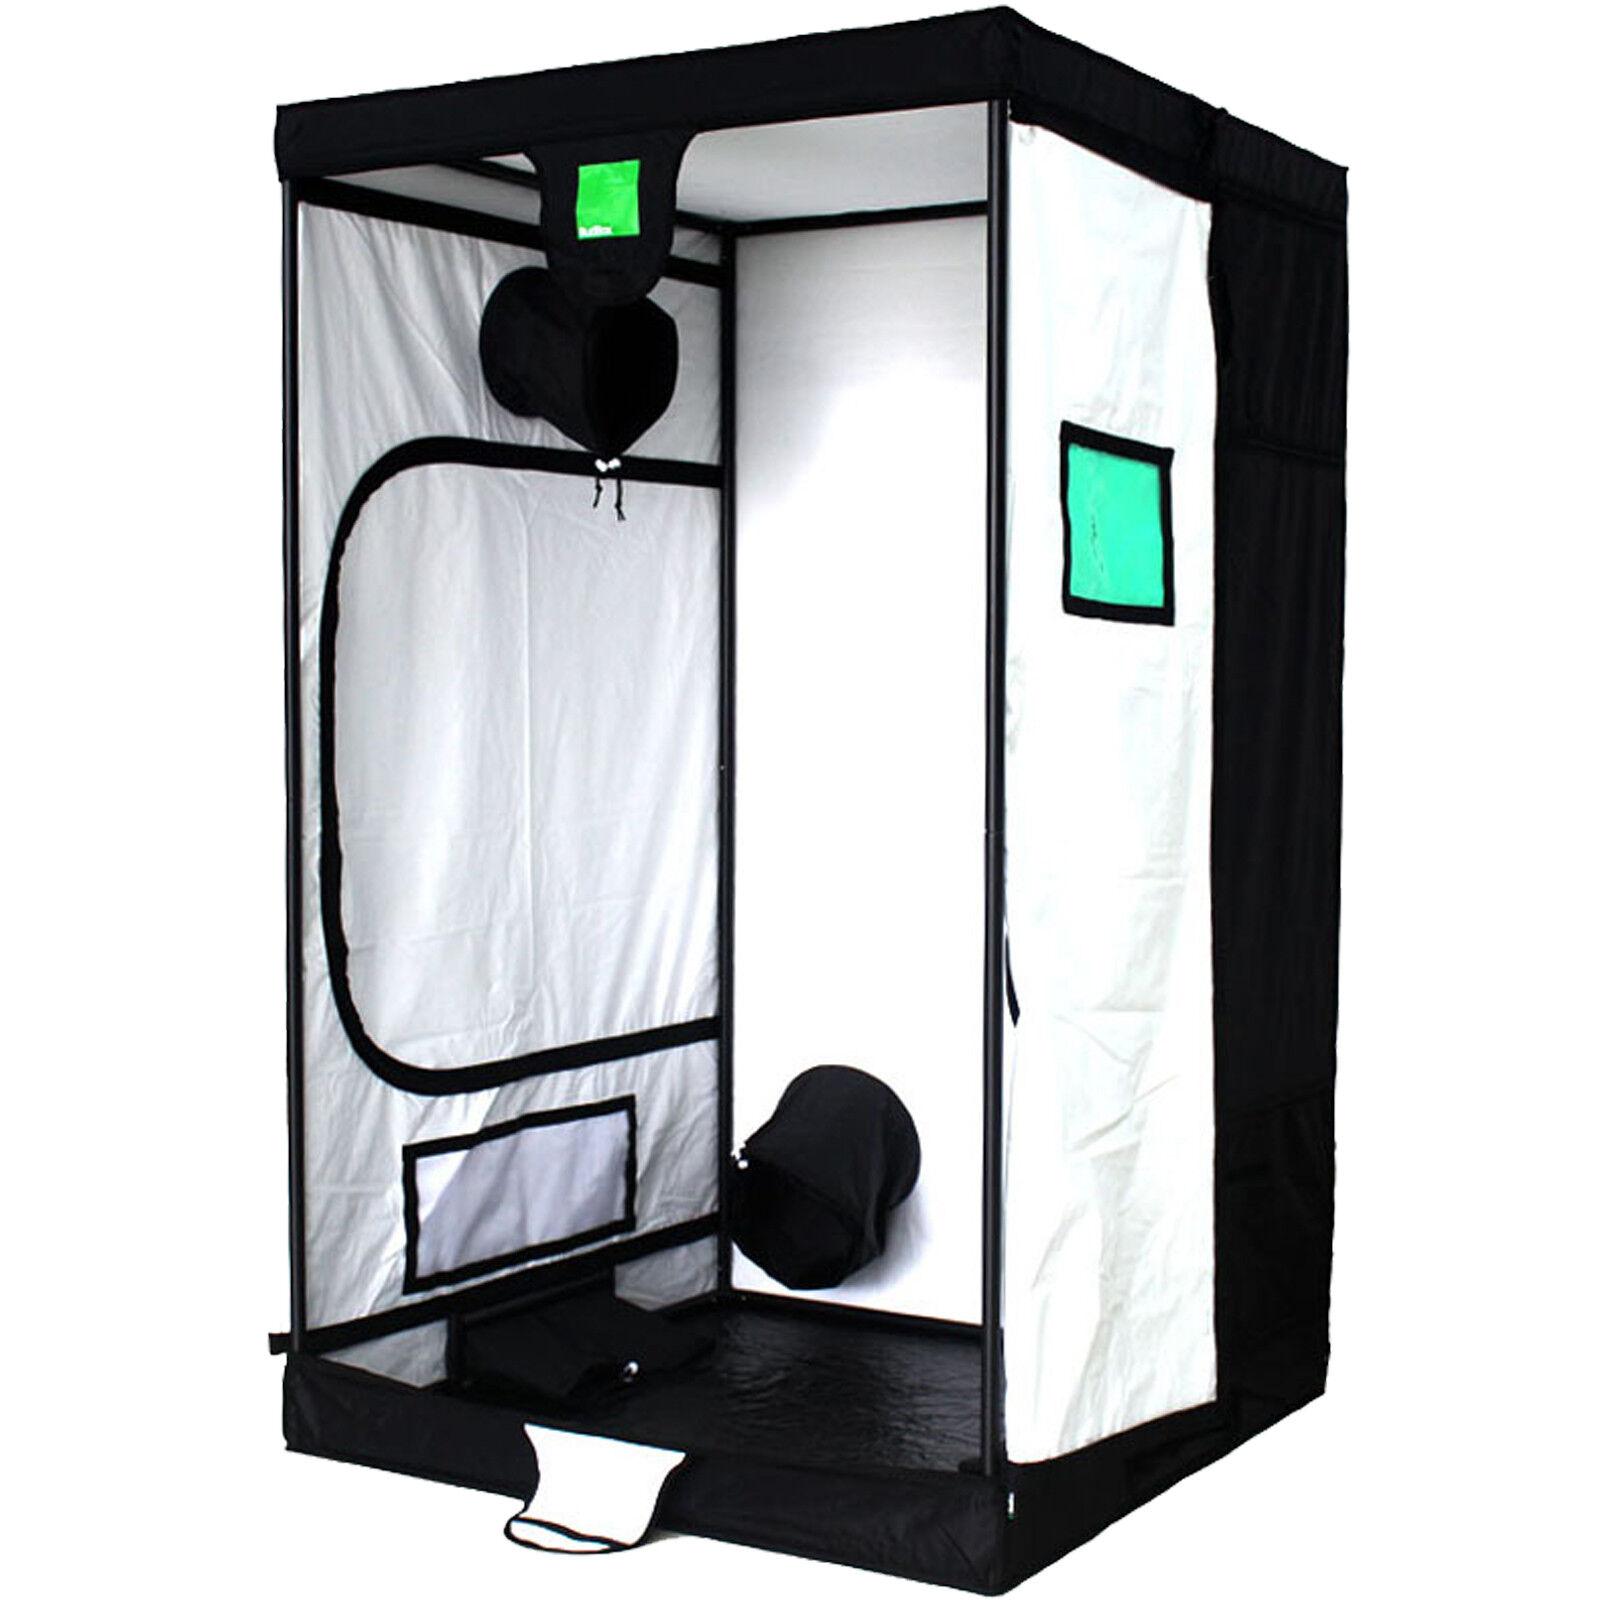 Budbox pro 1.2m x 1.2m x 2.0m Idroponico Bianco Grow Room Tenda